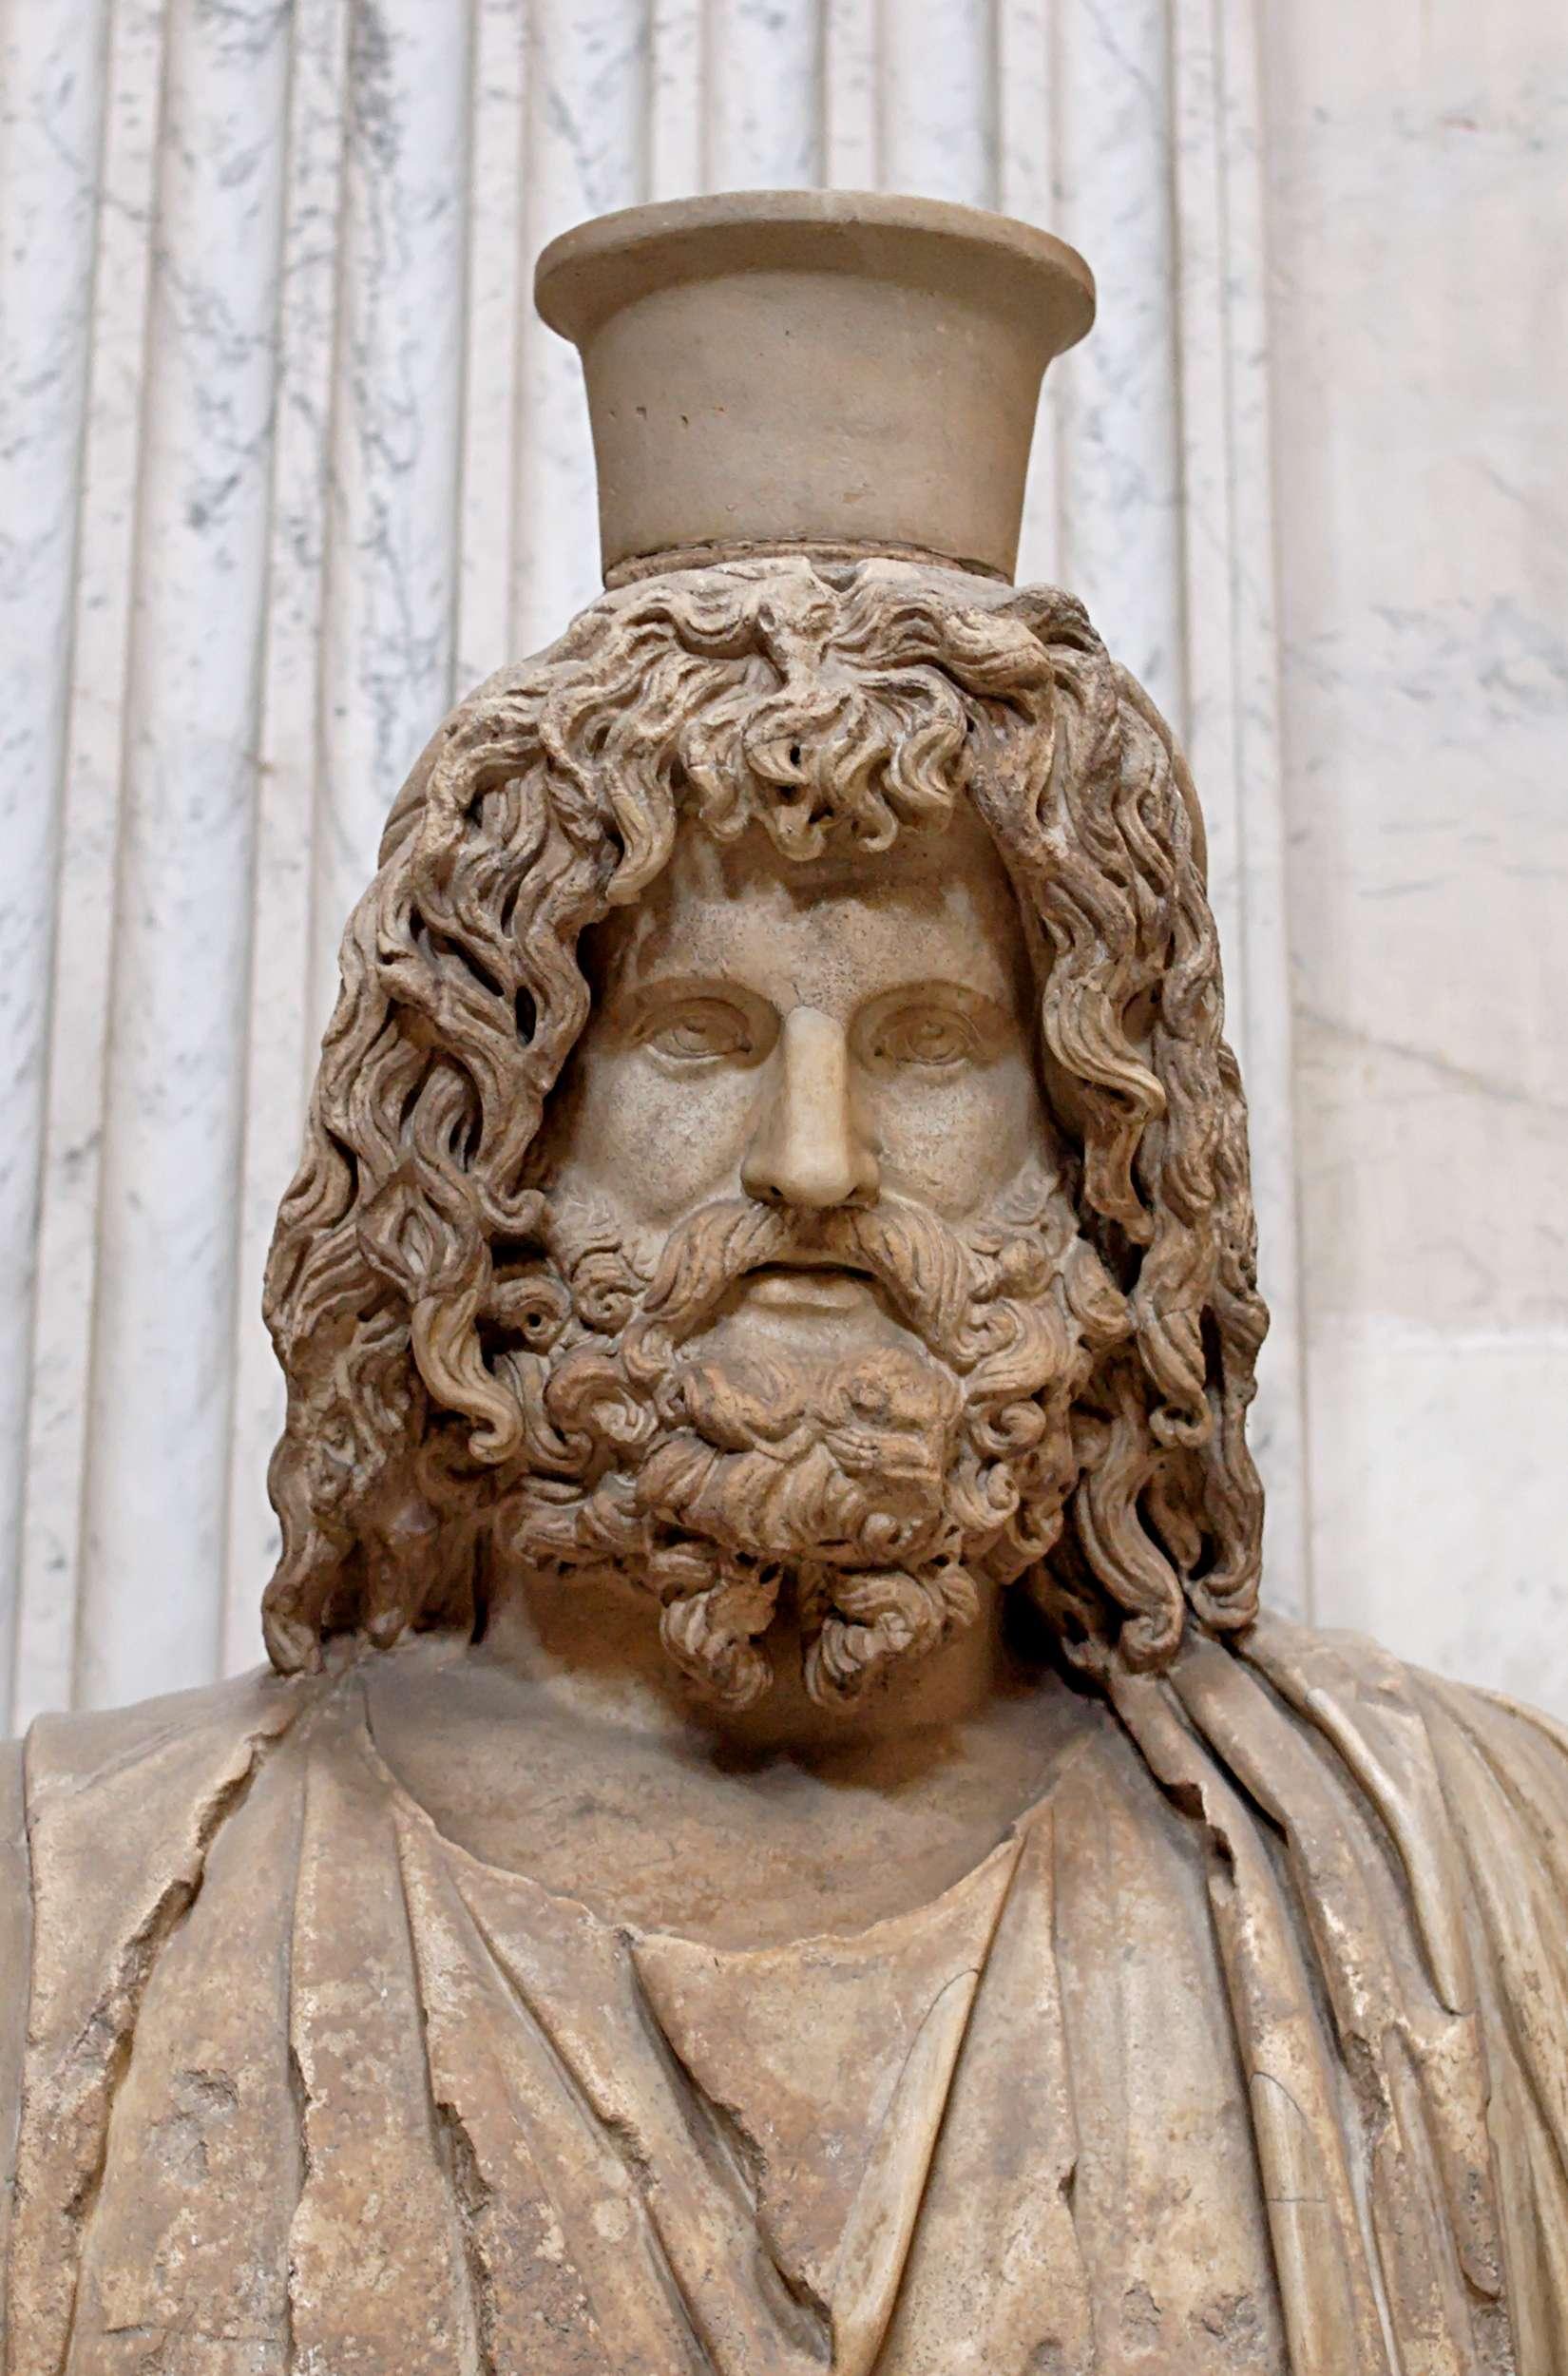 Ο Σέραπις, ή Σάραπις, ήταν ελληνο-αιγυπτιακός θεός της αρχαιότητας.